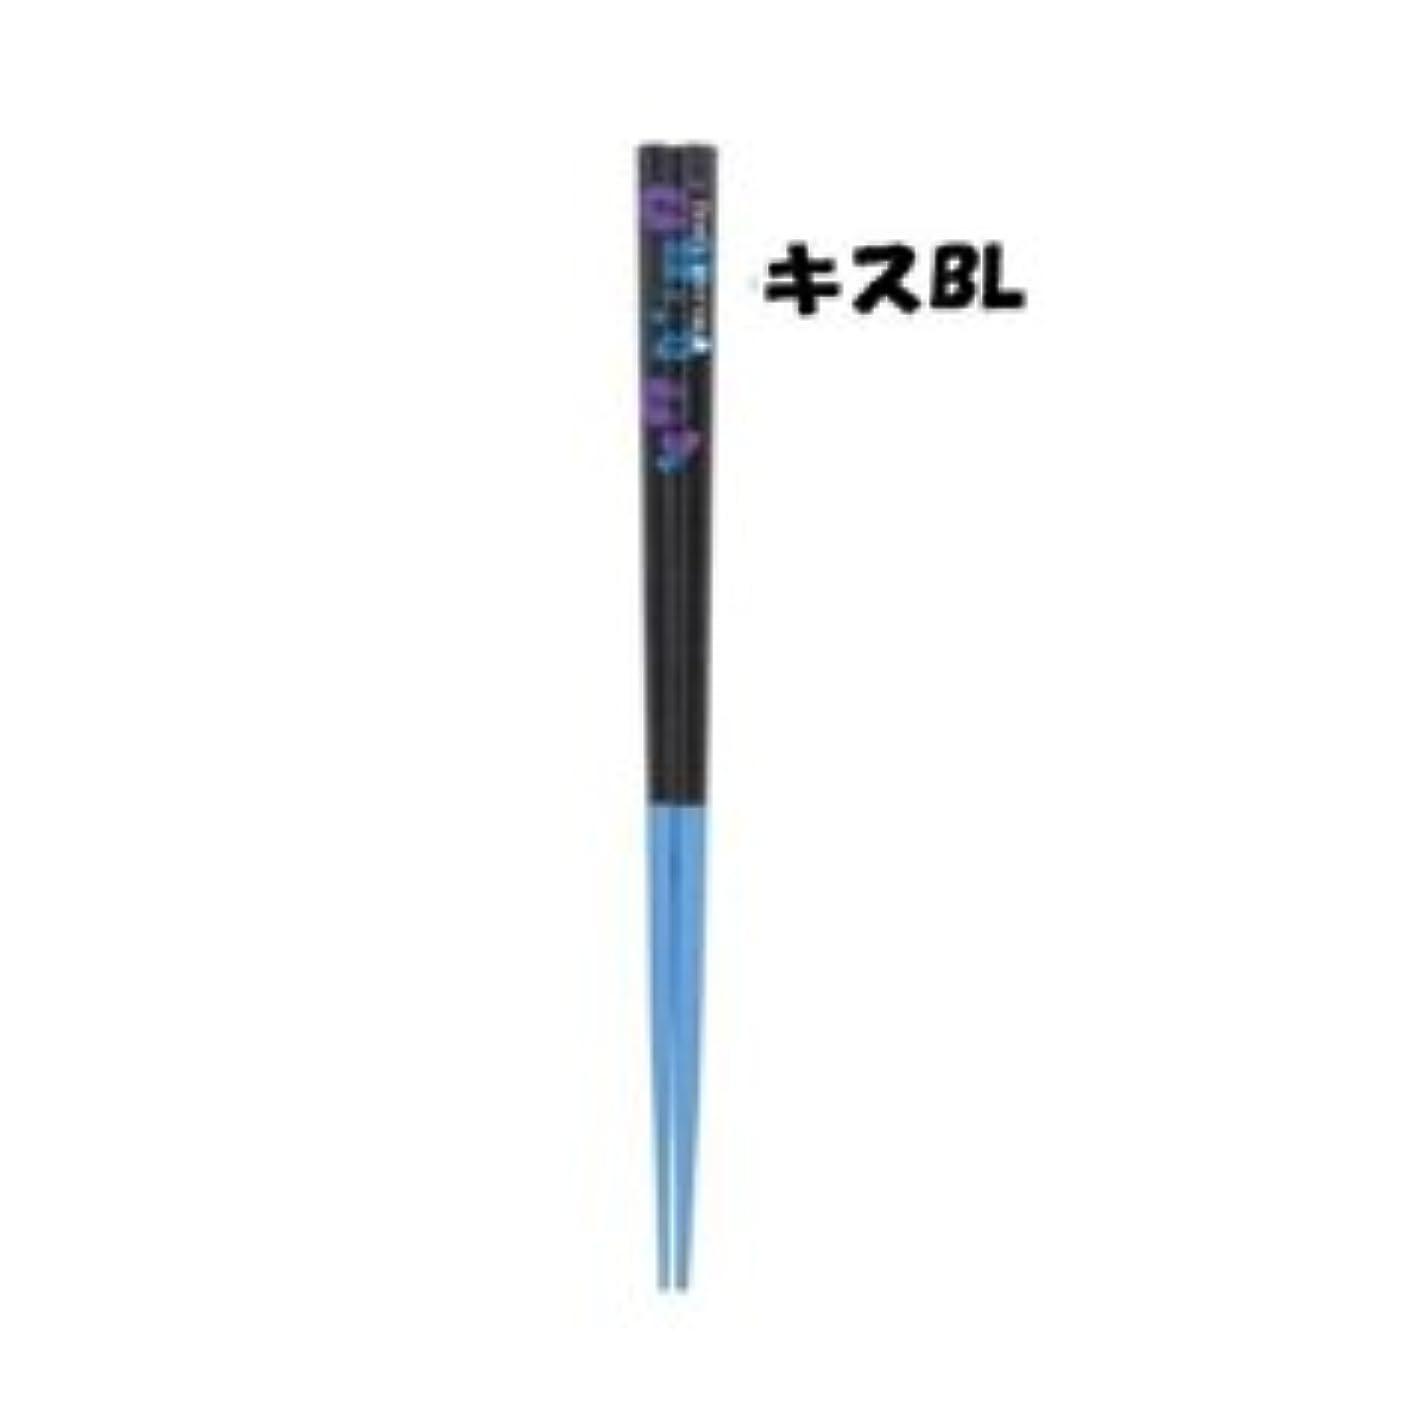 大統領叫び声限界【プライムナカムラ】ダイエット 応援箸 キスブルー